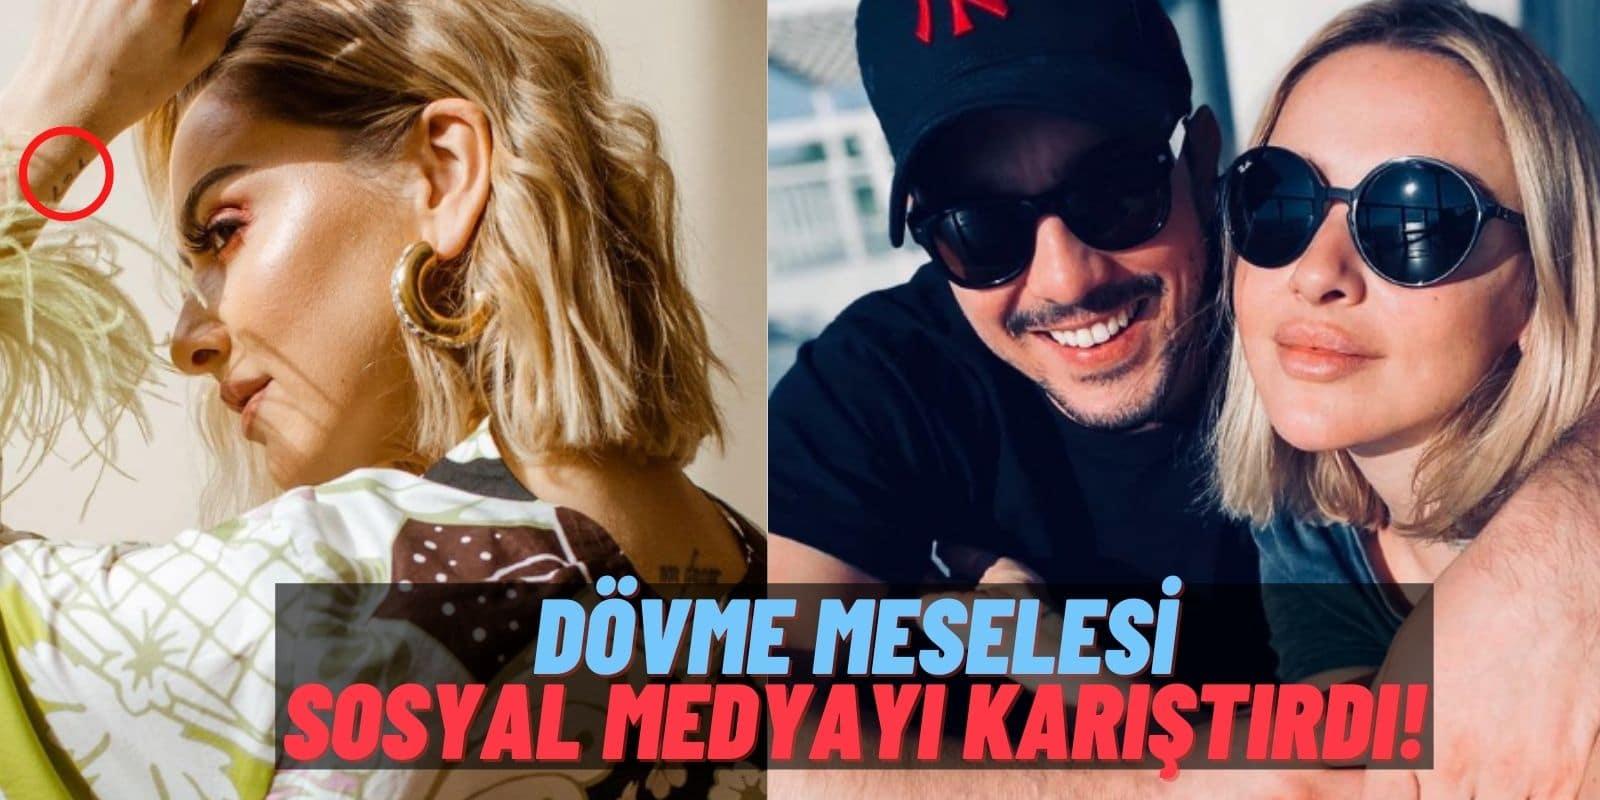 Güzel Şarkıcı Hadise'nin Yeni Dövmesi Sosyal Medyayı İkiye Böldü: O Dövme Kaan Yıldırım İçin mi Yaptırıldı?